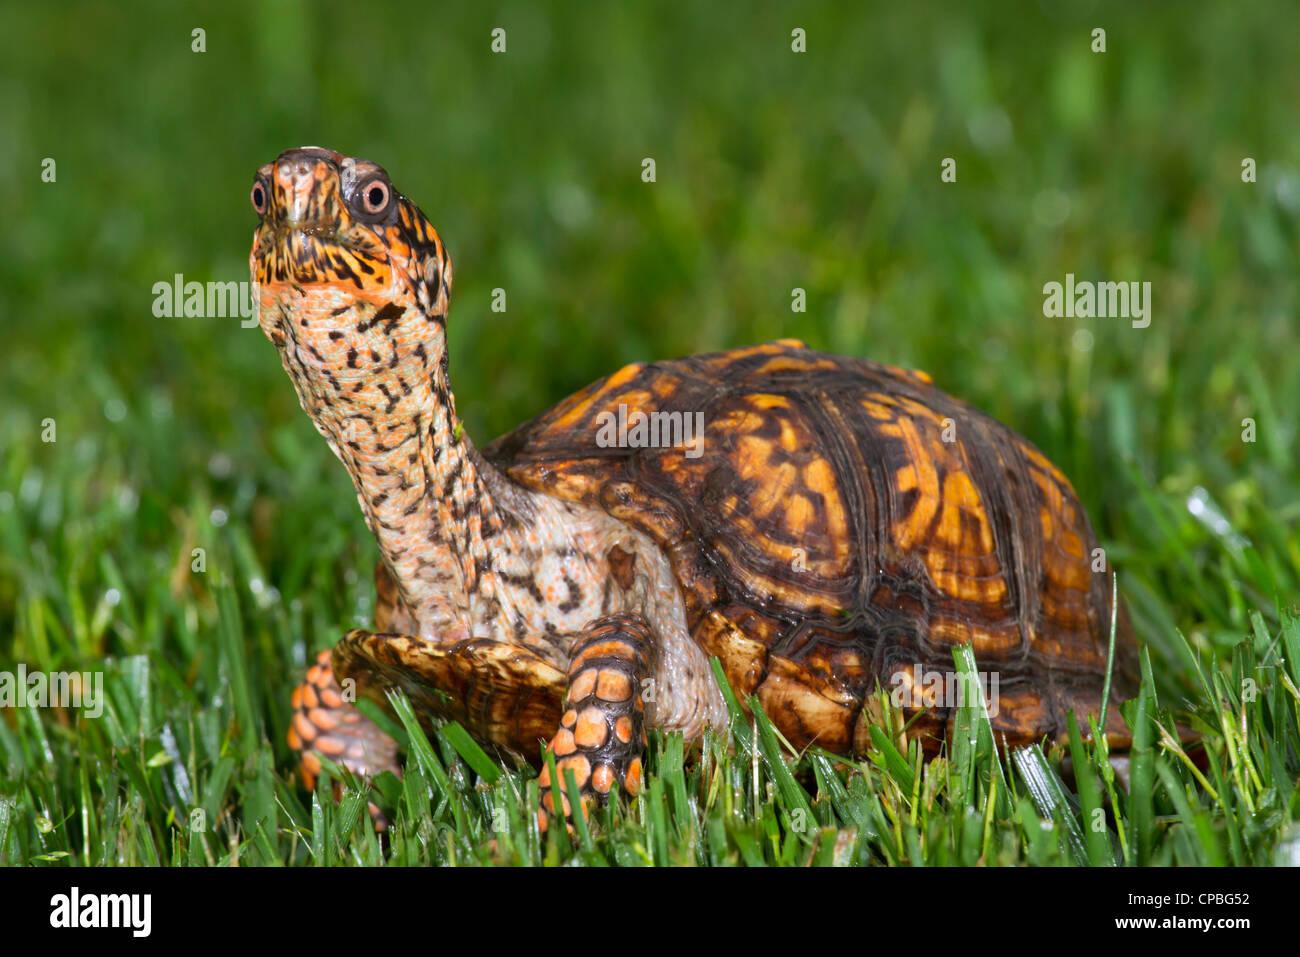 Eastern box turtle (Terrapene carolina) on a backyard lawn (Georgia, USA). - Stock Image